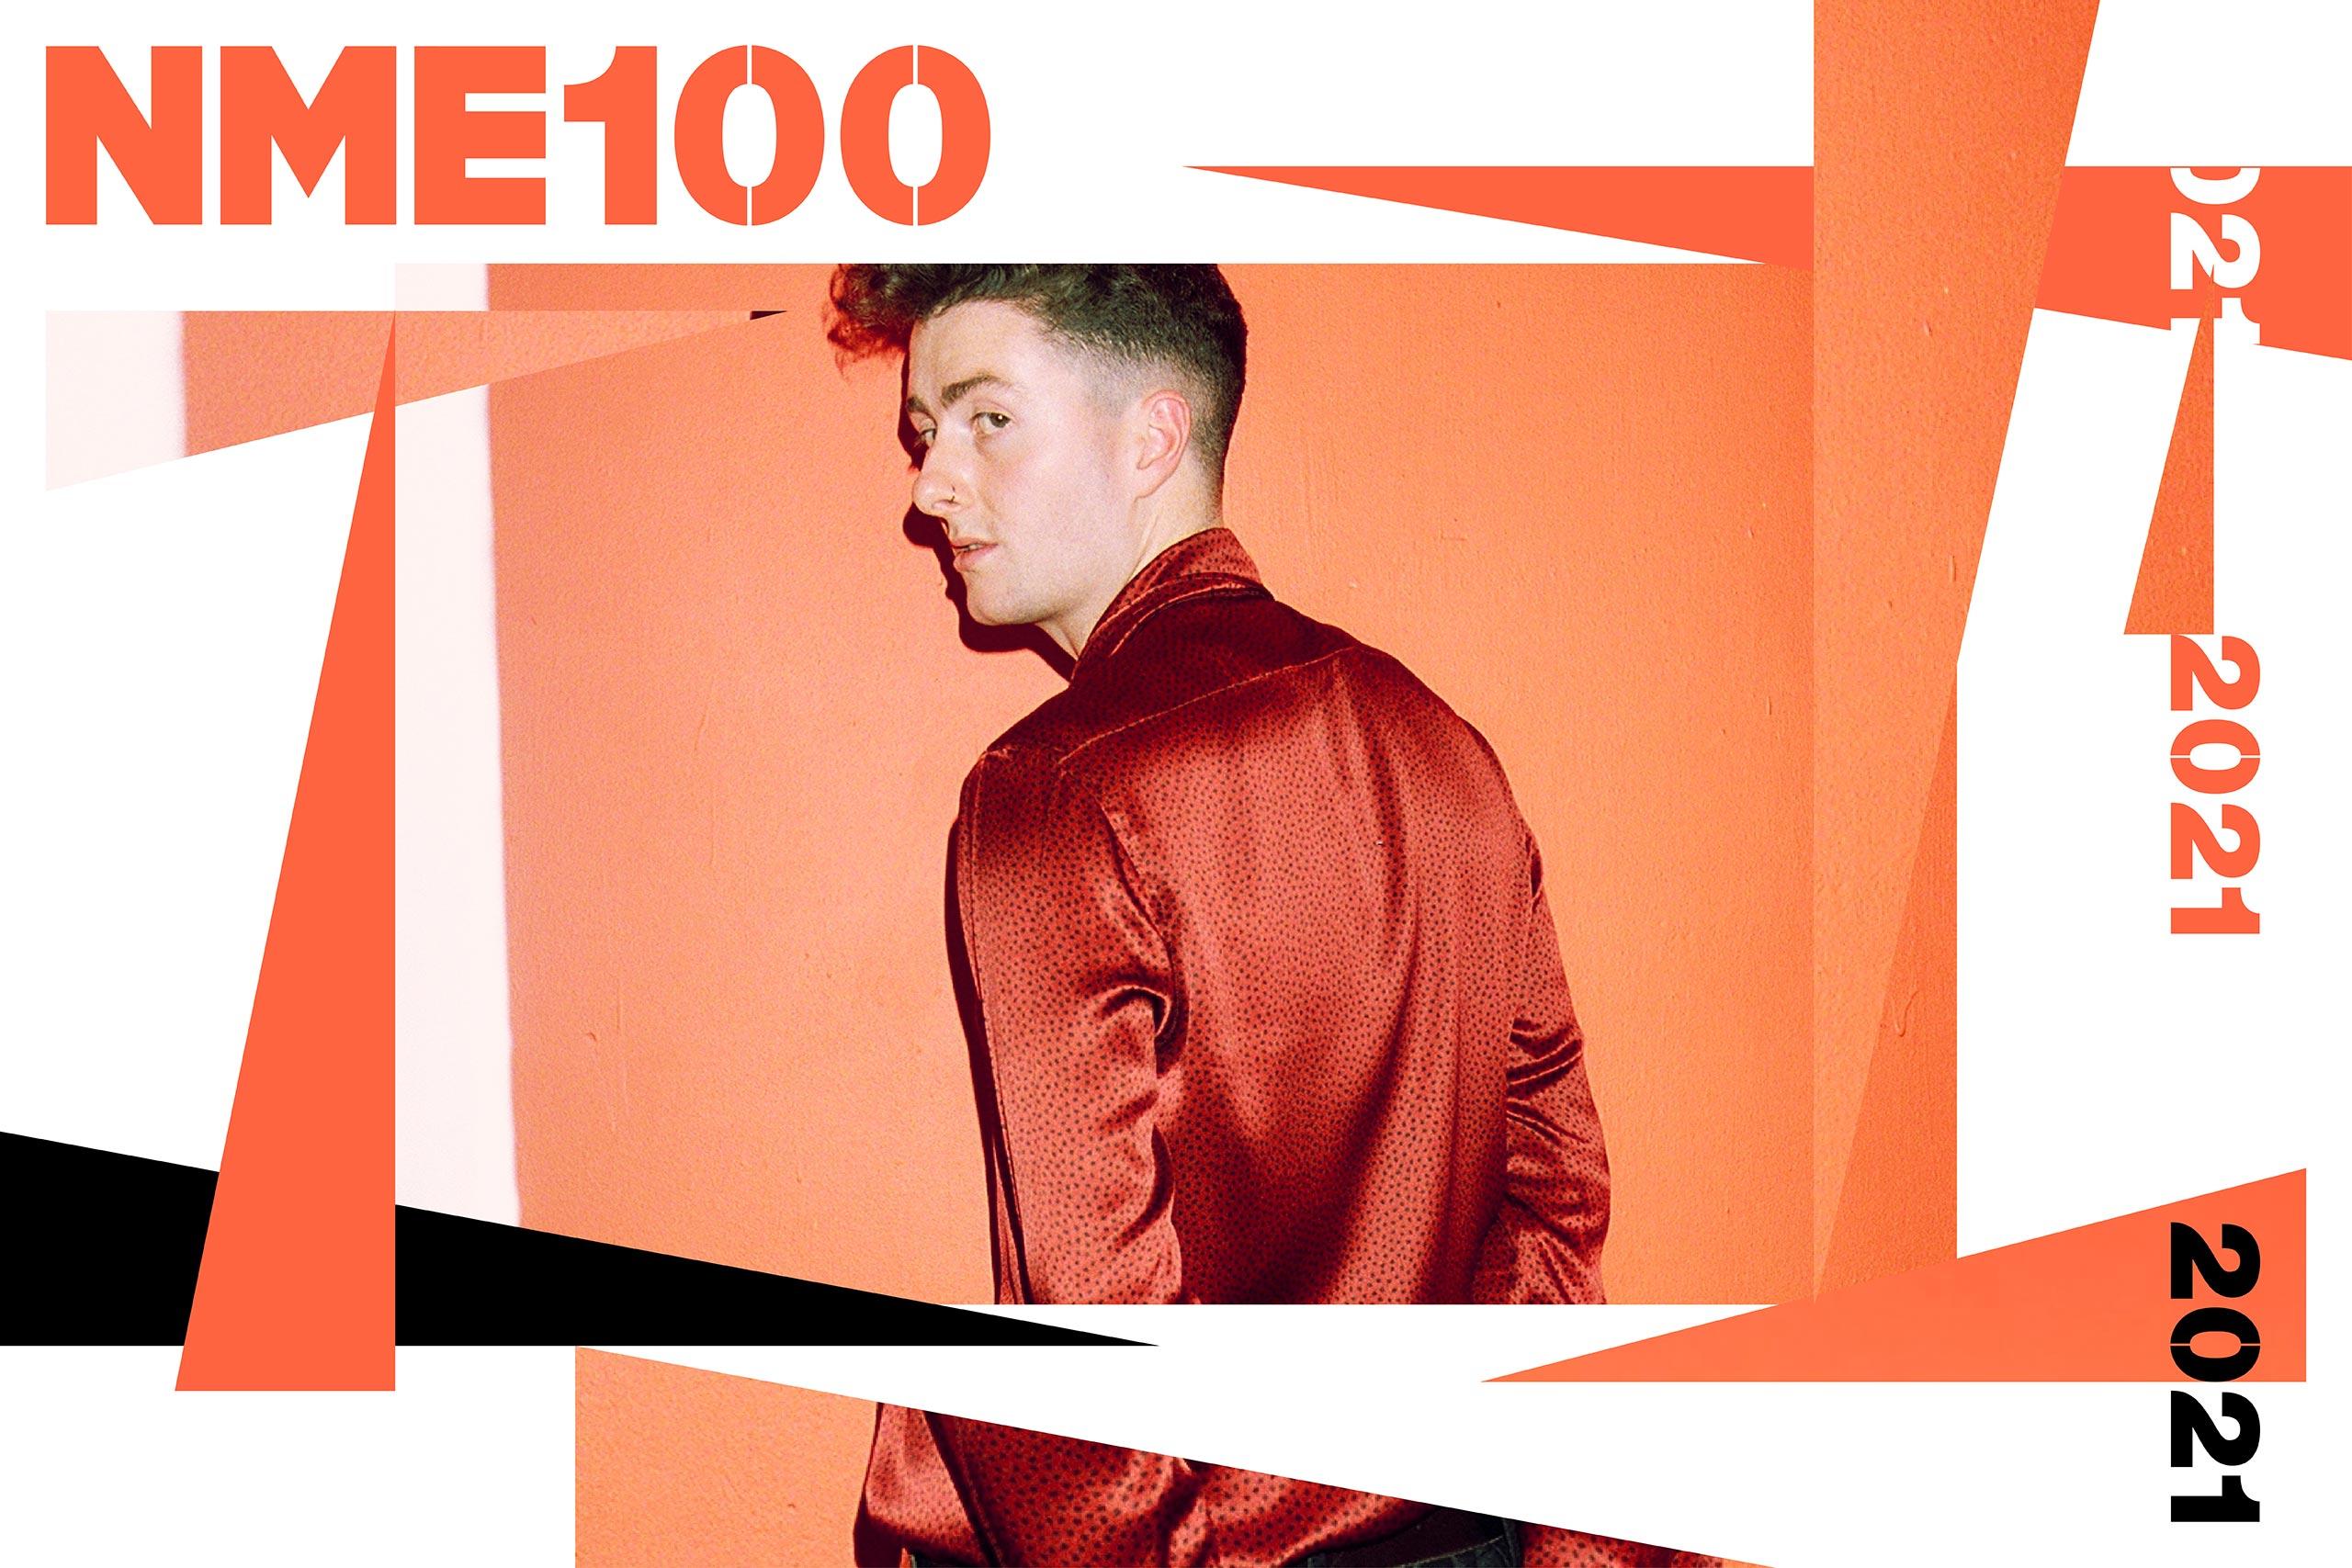 NME 100 joesef